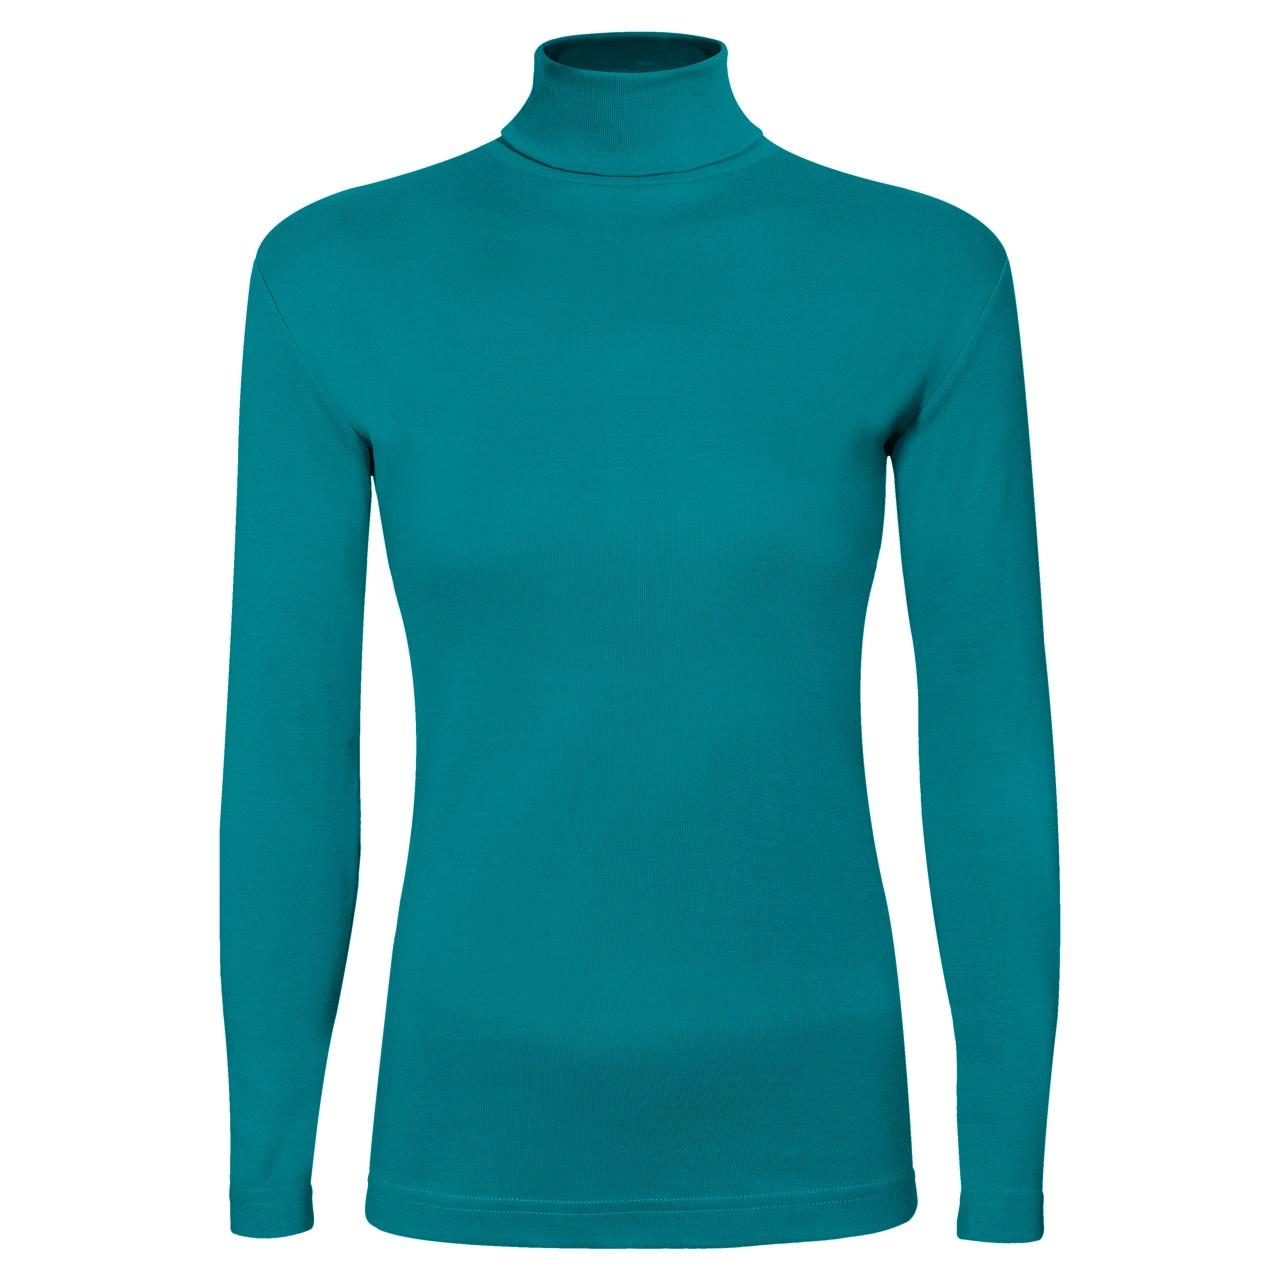 تصویر تی شرت آستین بلند زنانه ساروک مدل BZYeski03 رنگ سبز